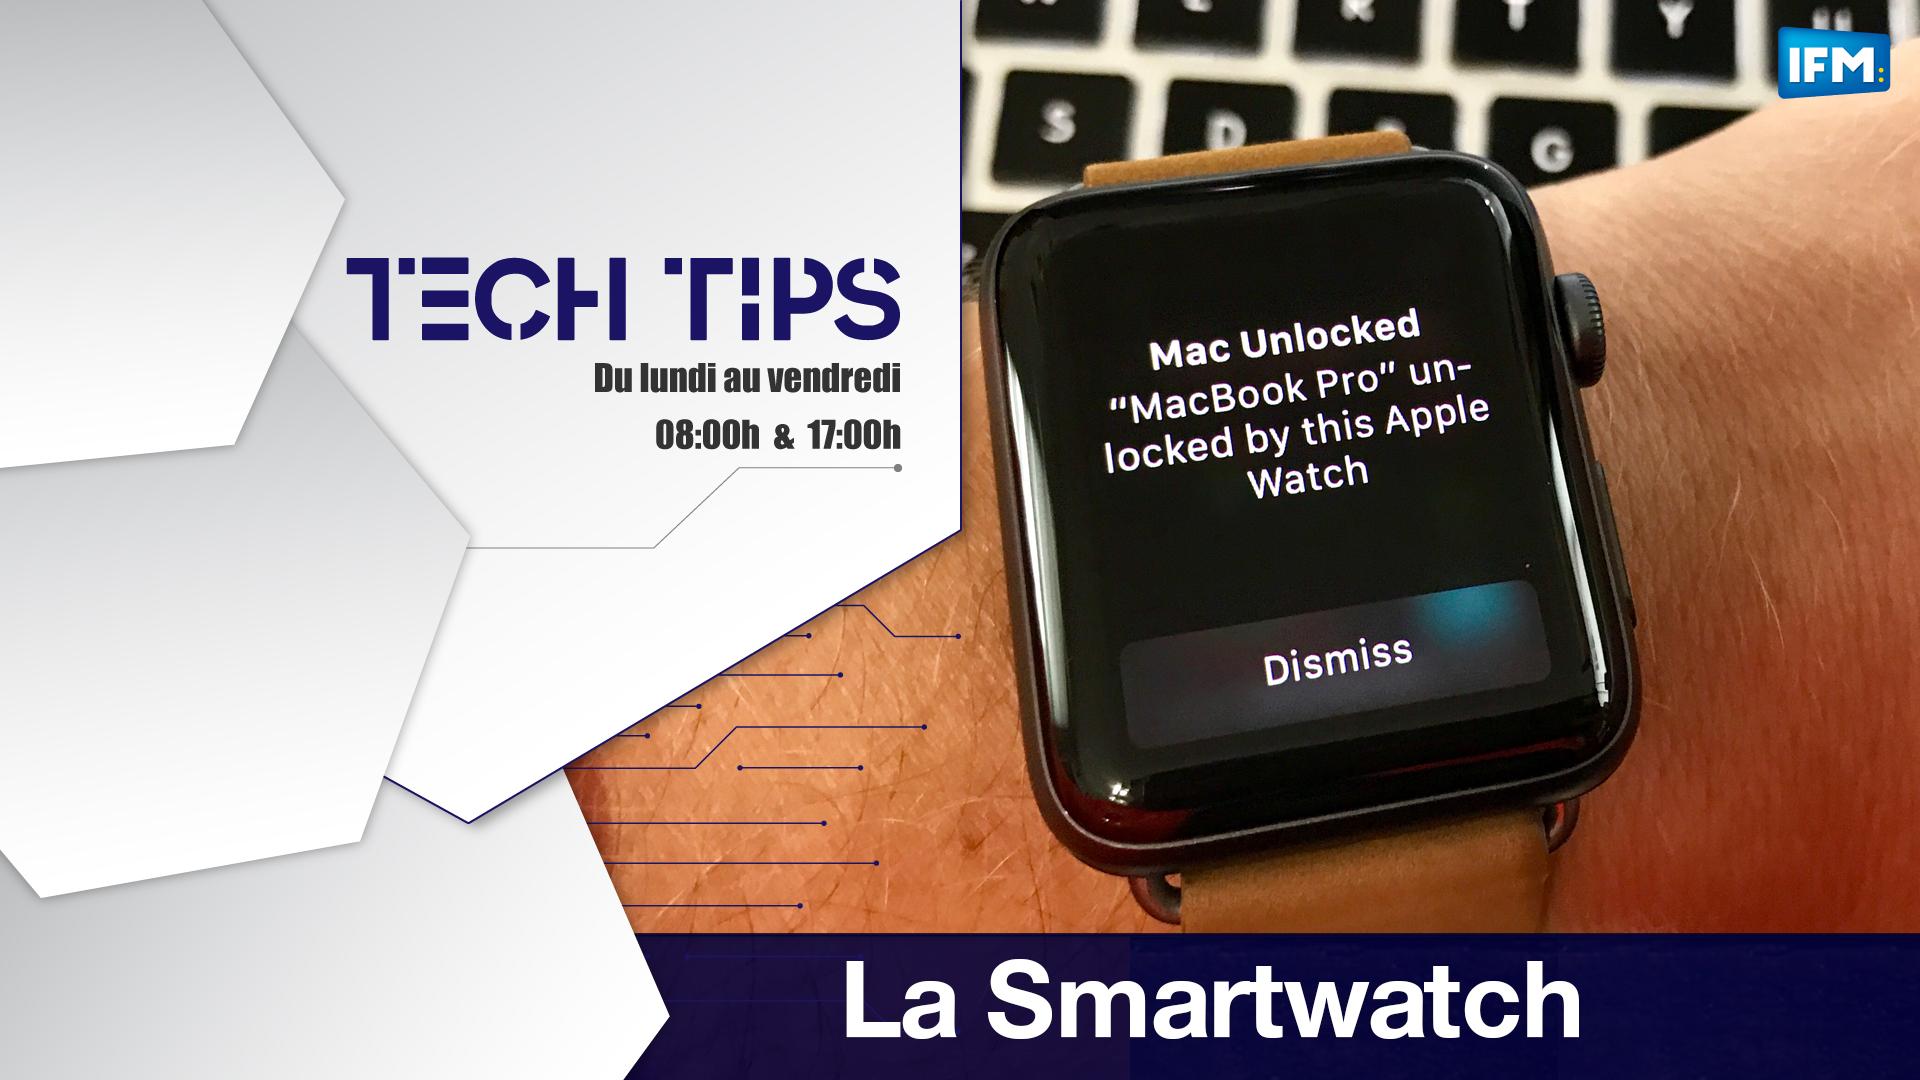 Tech Tips : Utiliser la smartwatch pour l'identification Tech Tips